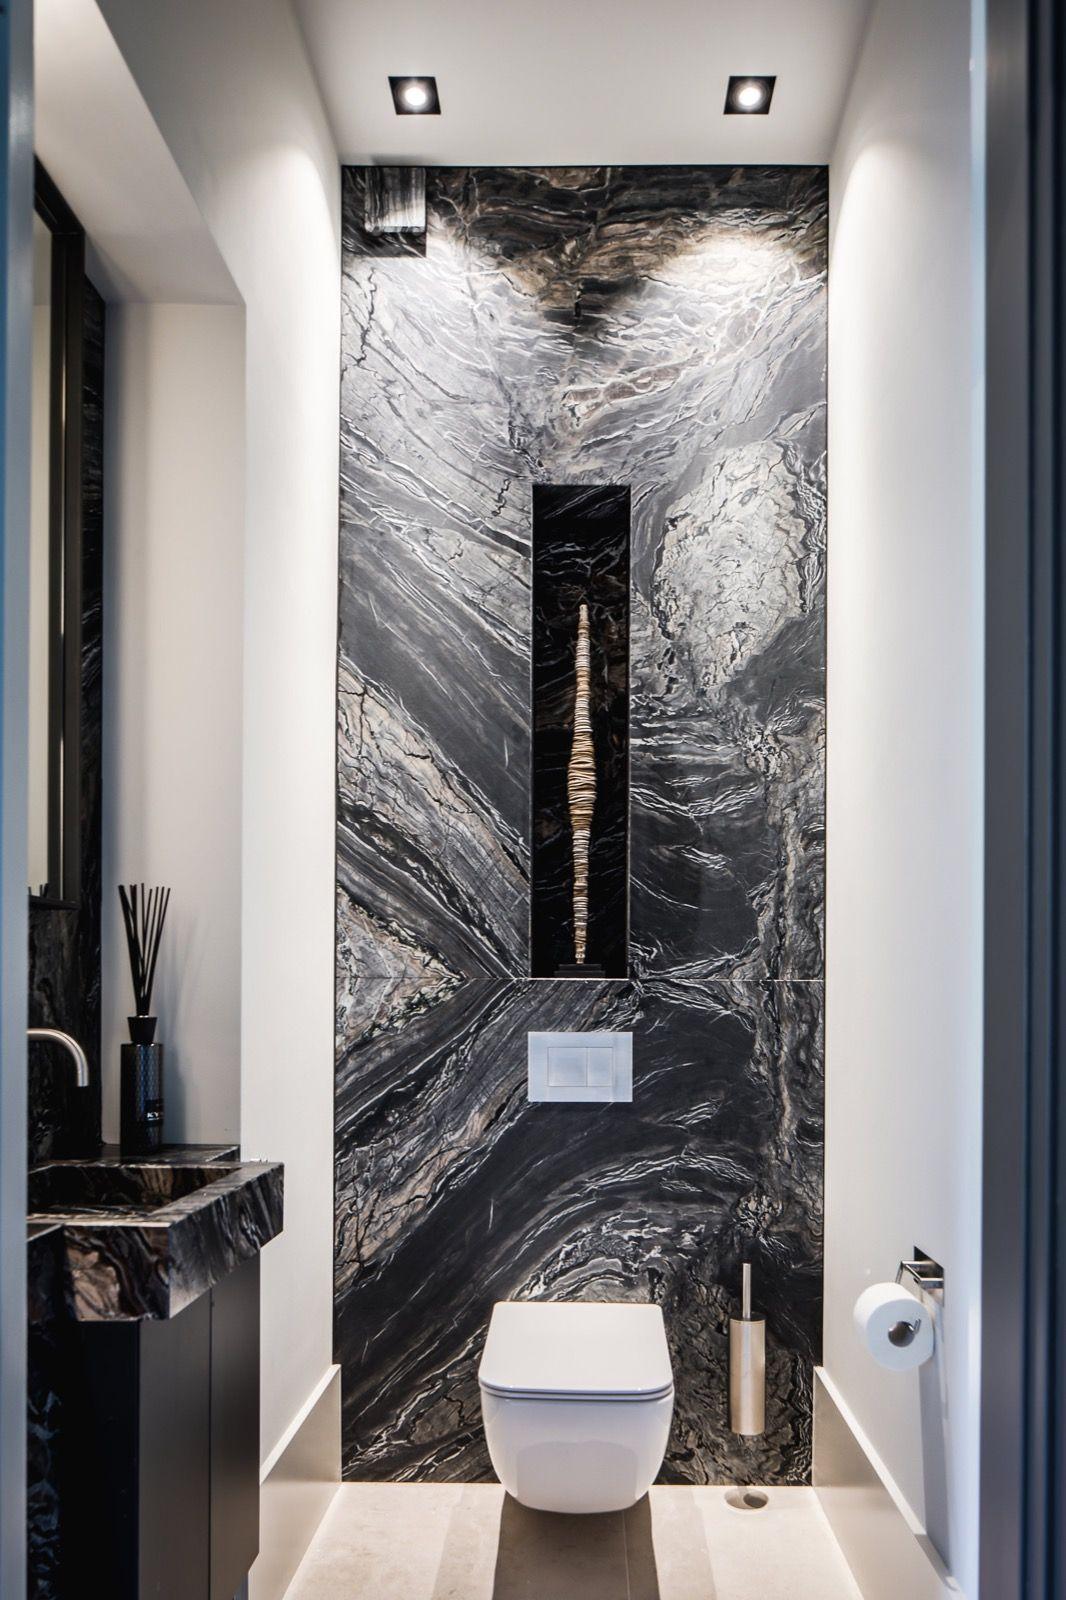 Pin by Arjan van Driest on bewaren  Pinterest  Toilet Elegant and